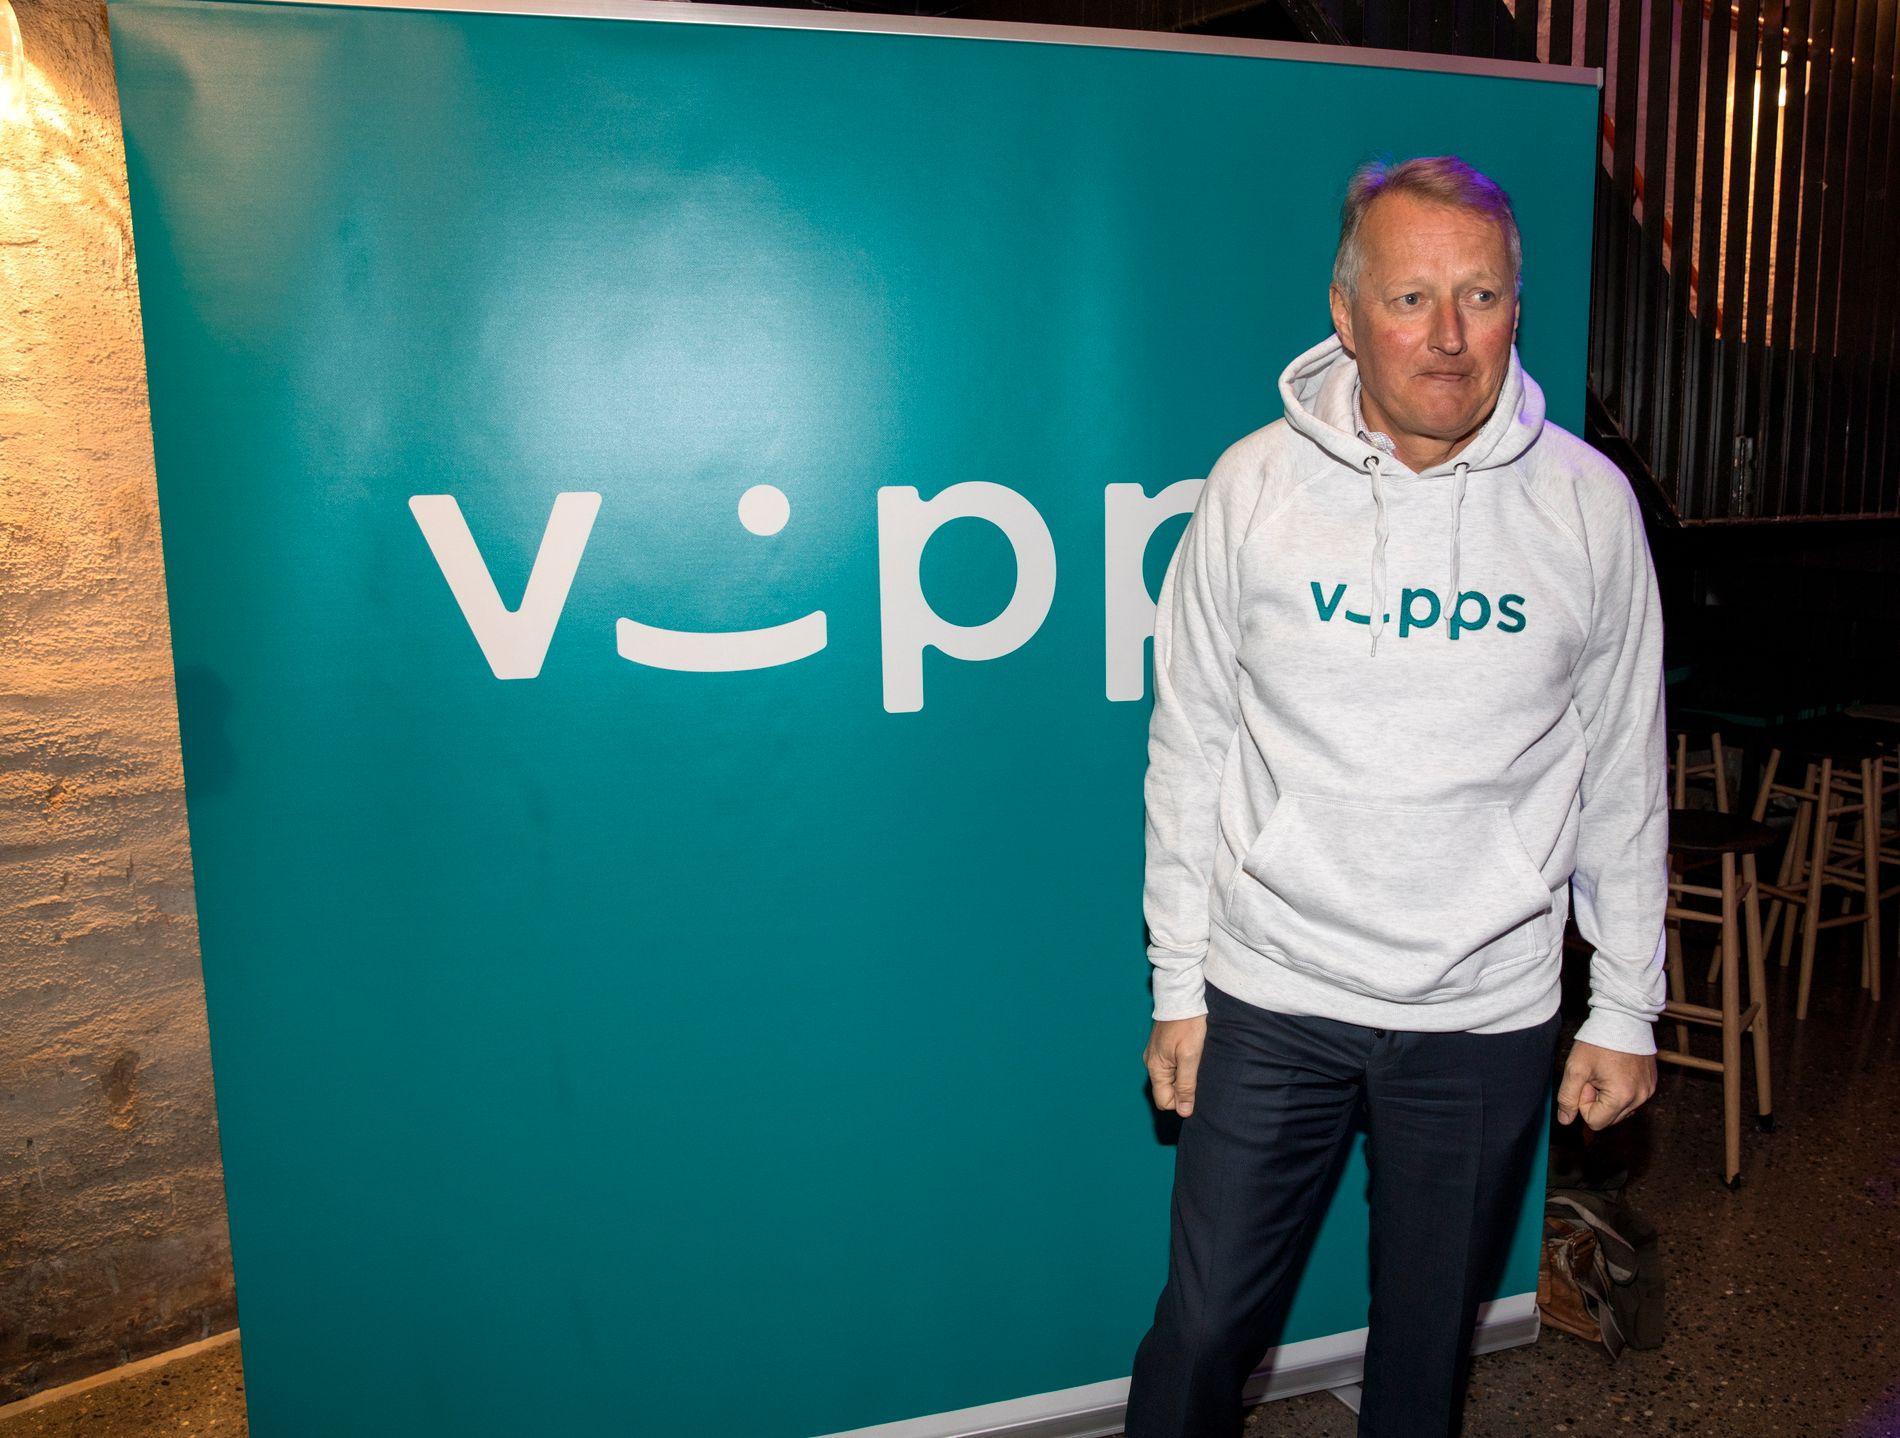 GAMBLET: Å svi av flere hundre millioner på Vipps for så å invitere inn andre norske banker er noe av det viktigste DNB har gjort de siste årene, mener avtroppende konsernsjef Rune Bjerke. – Å ta den risikoen fra et styre og en ledelse er en tøff beslutning.